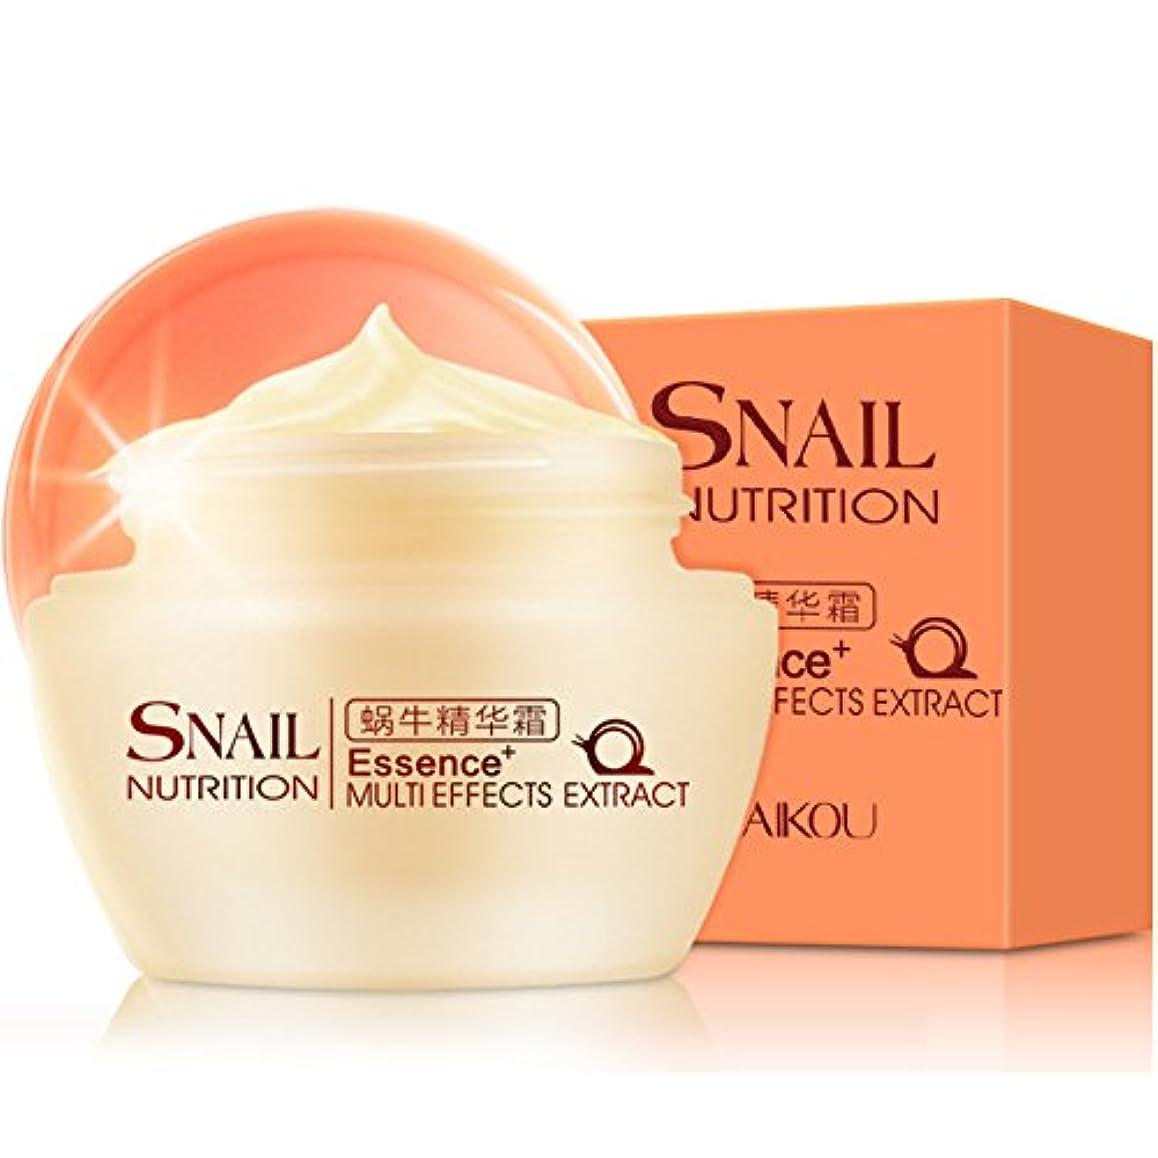 原稿気まぐれな蜂カタツムリエキス ヒアルロン酸ビューティフェイスクリームフェイスケアホワイトニングモイスチャライジングフェイシャルスキン化粧品。